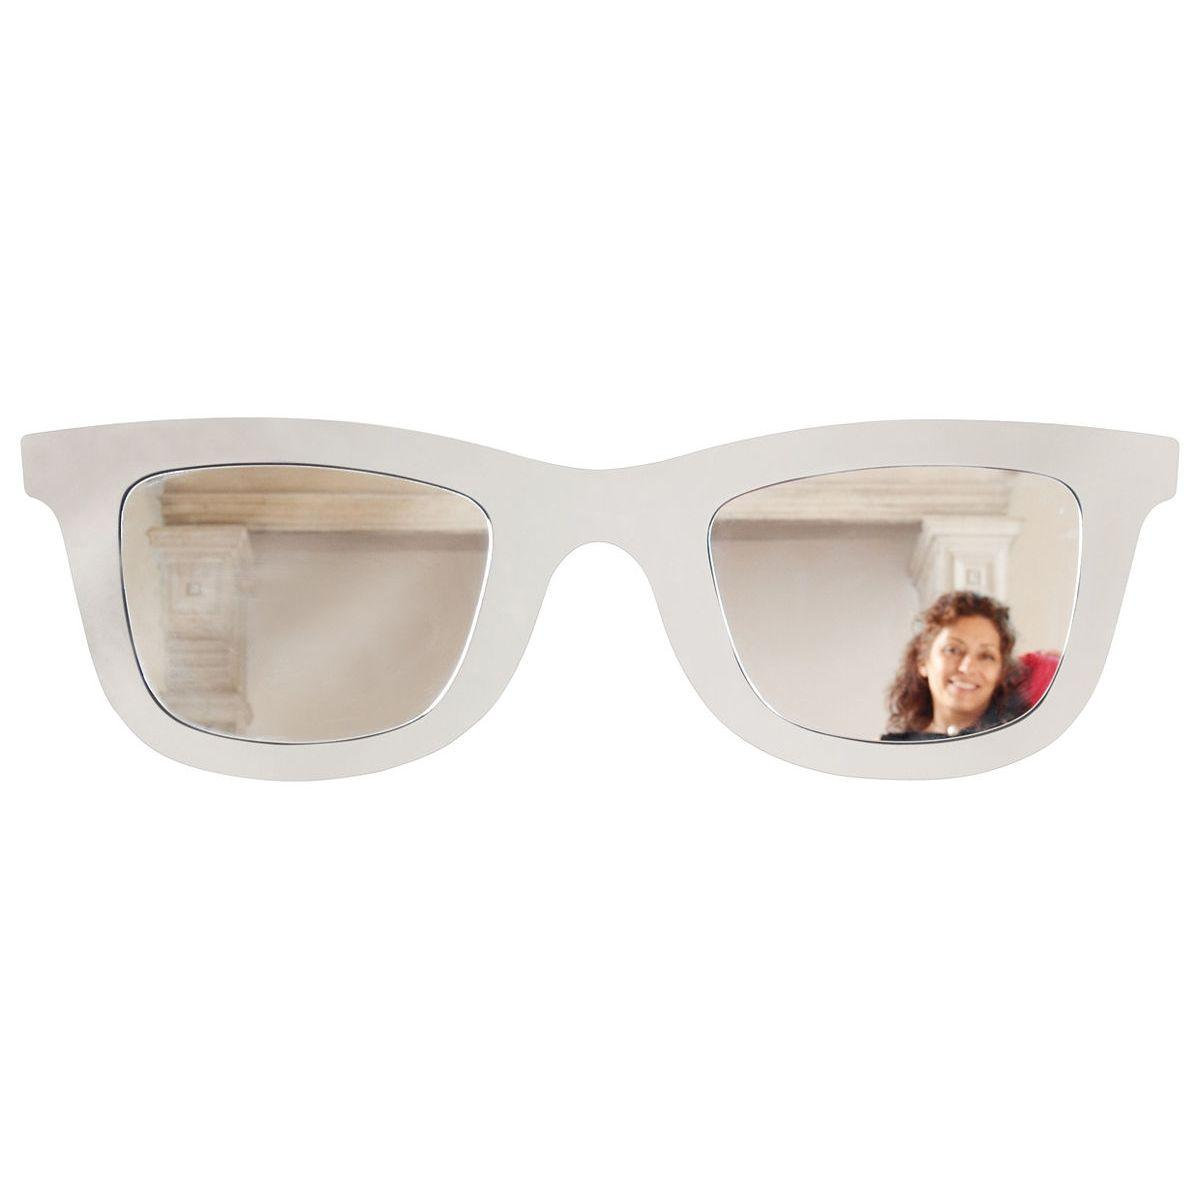 Specchio doppio a forma di occhiali ispirati al f con montatura di colore bianco